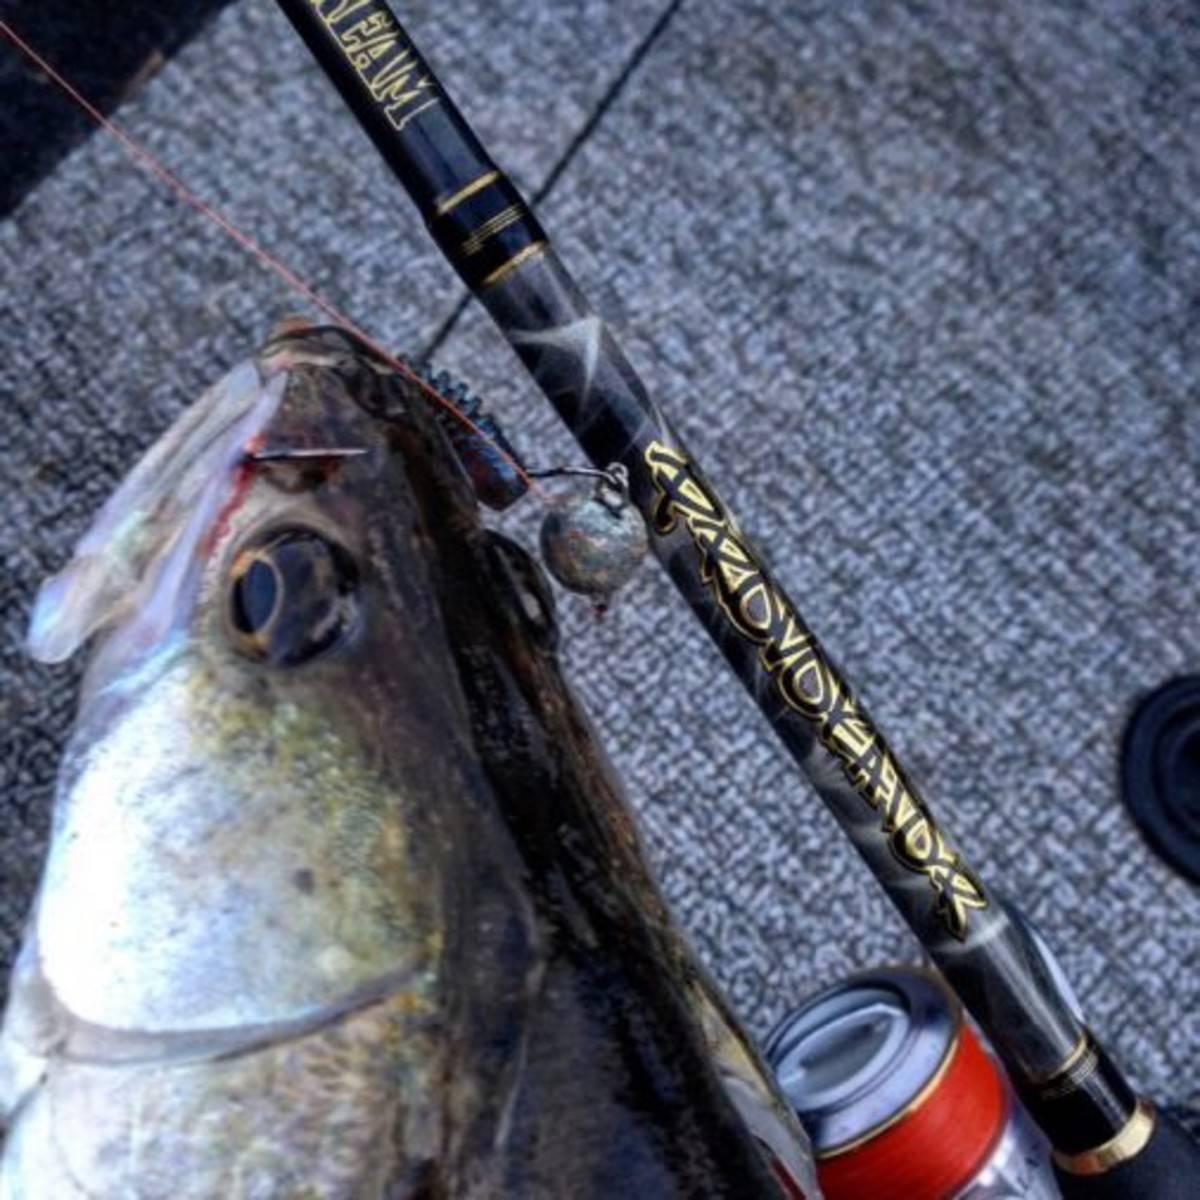 Северский донец река - всё о рыбалке на водоеме, для рыбаков города изюм.